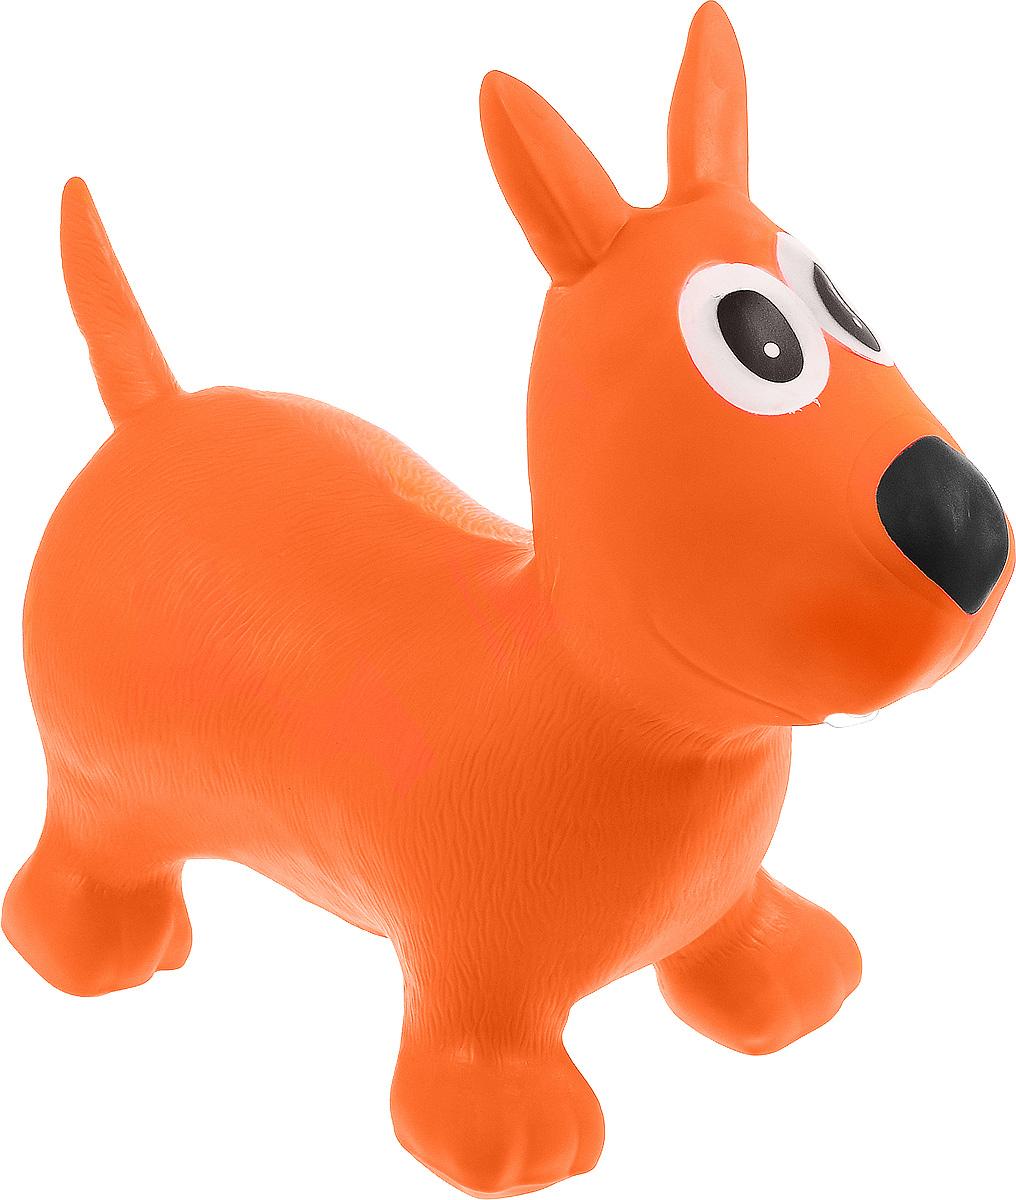 Altacto Игрушка-попрыгун Щенок цвет оранжевый